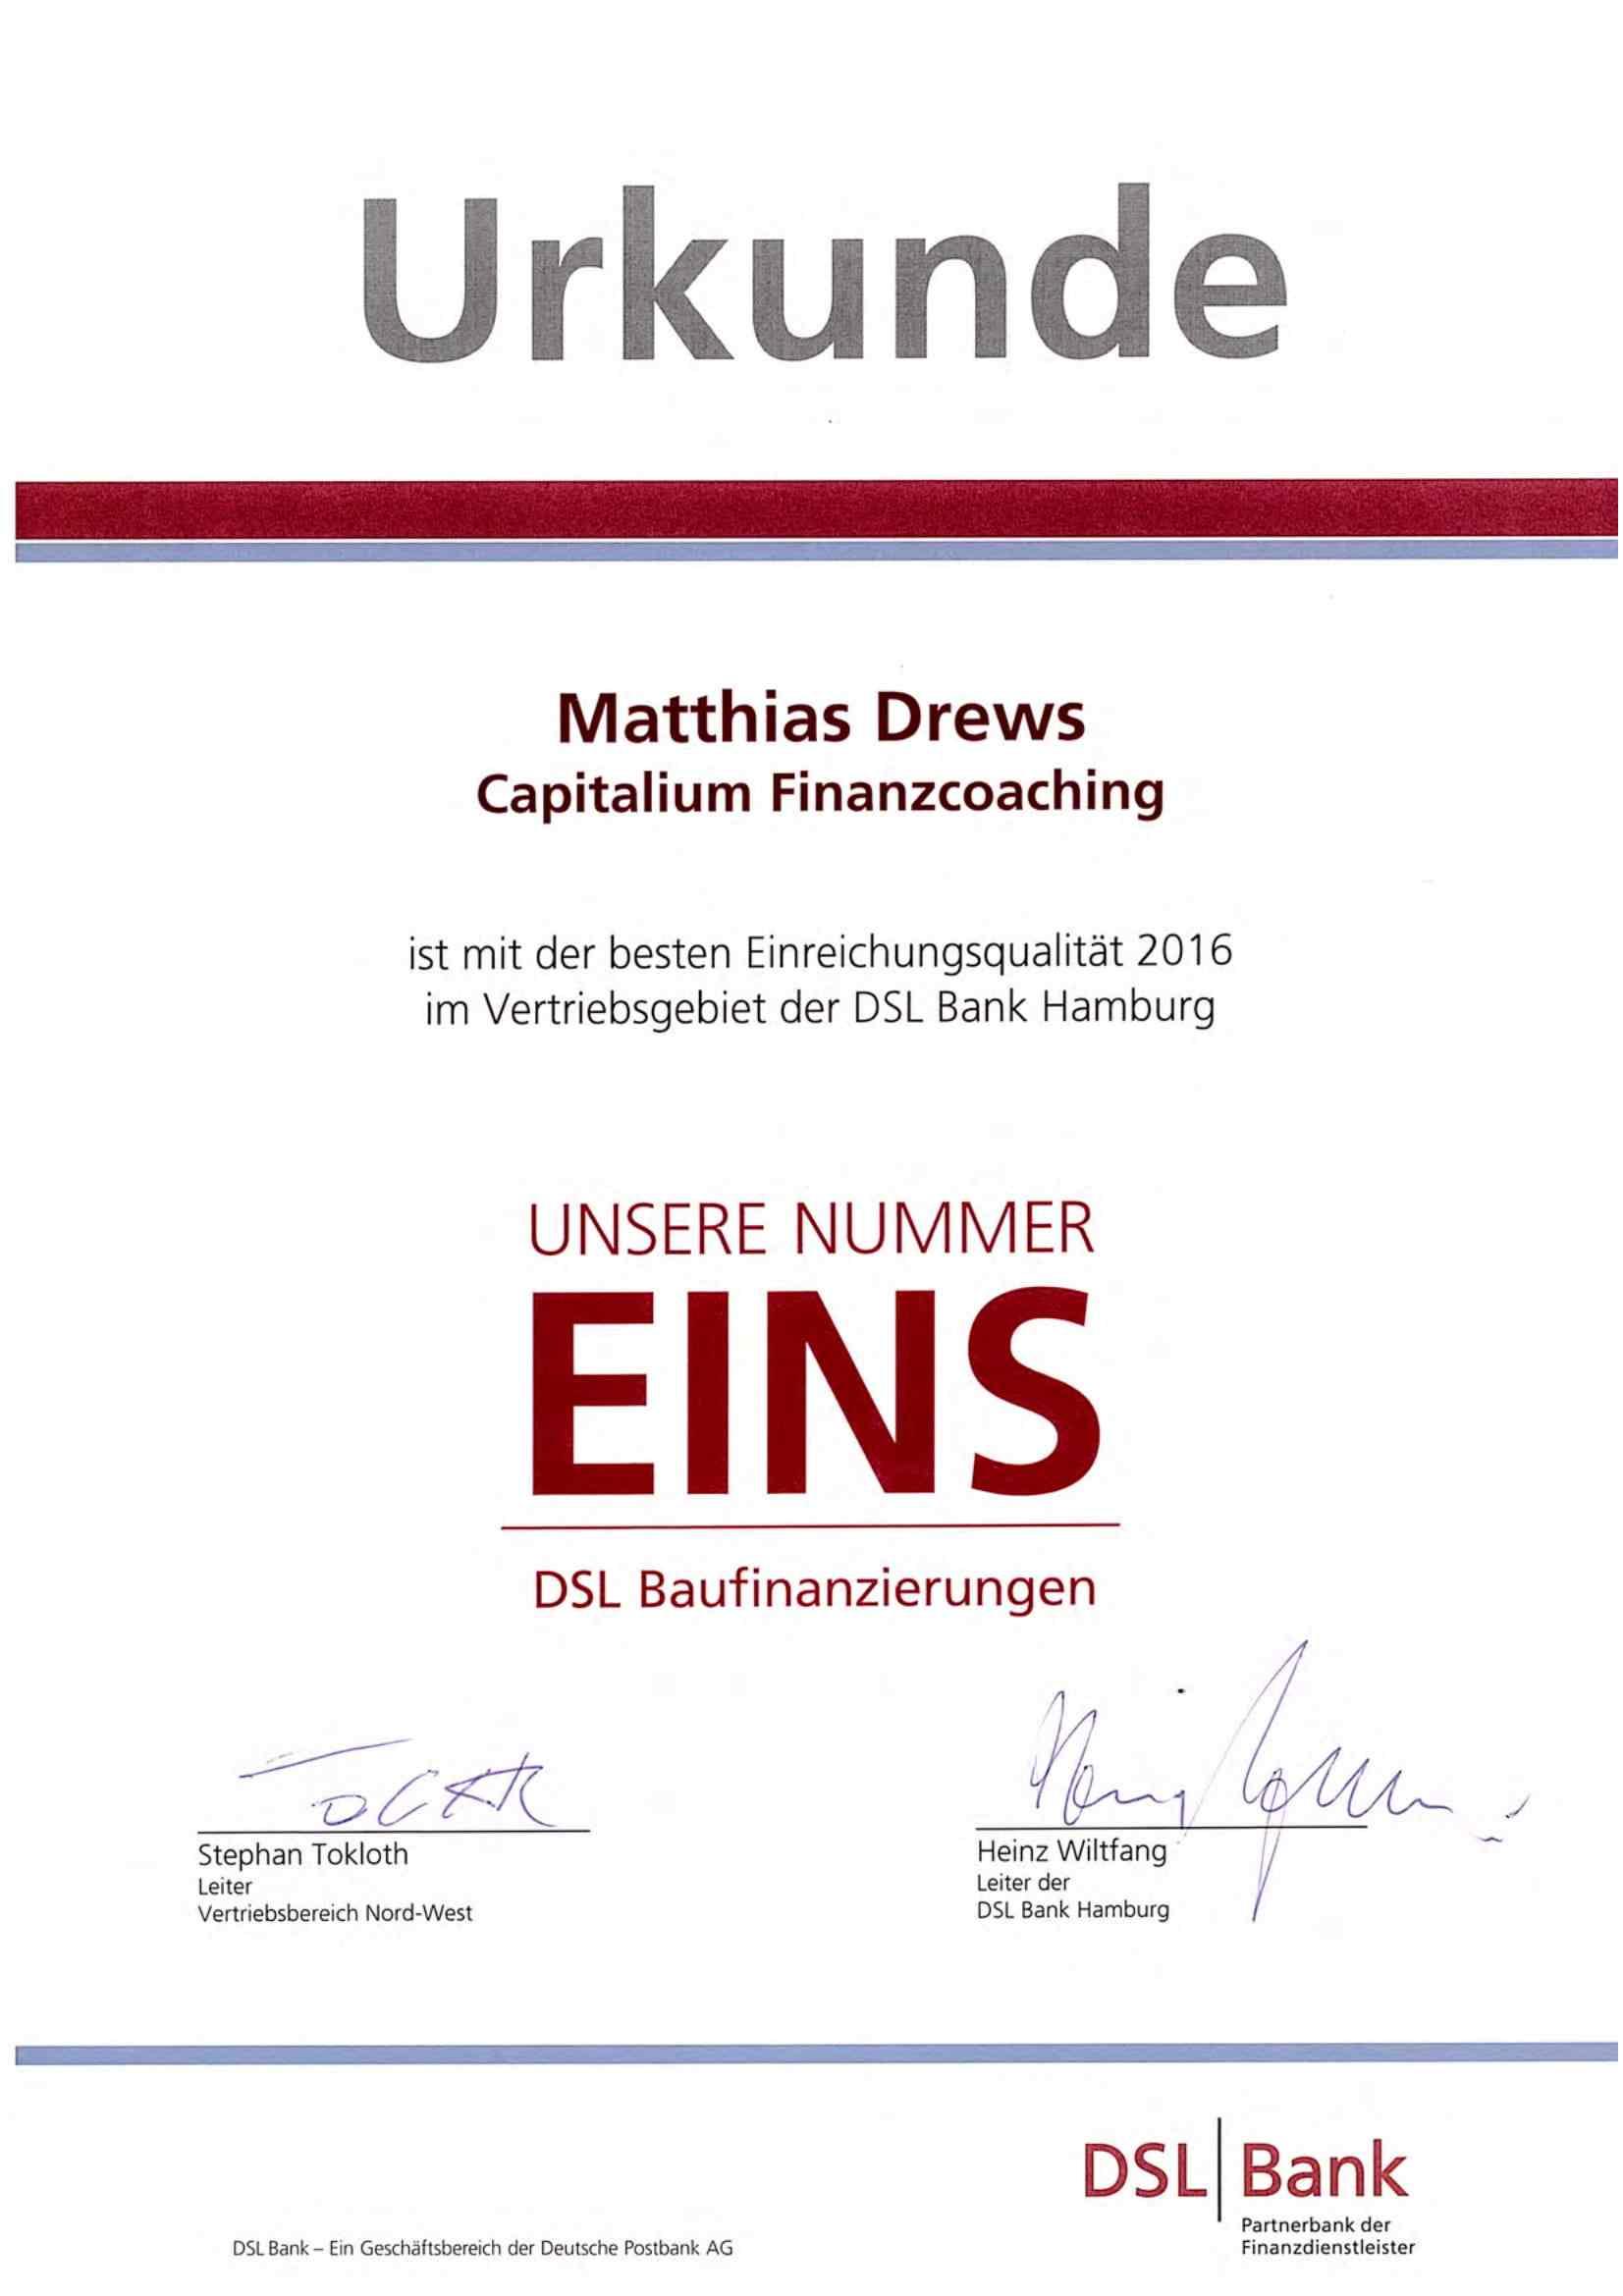 Urkunde DSL Bank_Capitalium Finanberater Baufinanzierung Hamburg Kredit Immobilienkauf Matthias Drews Anja Willumeit Baufi